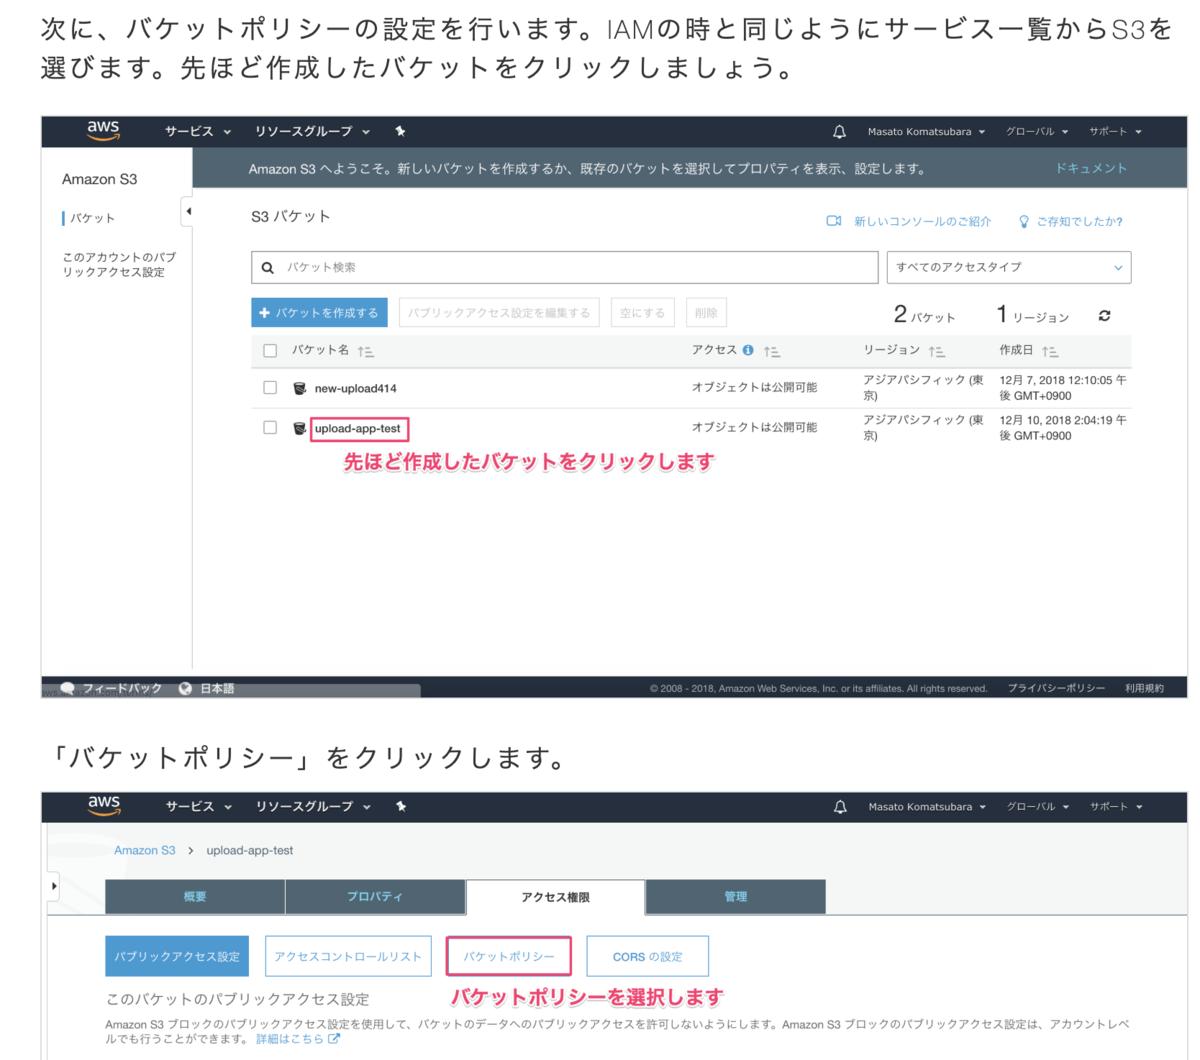 f:id:yujiro0320:20190809171203p:plain